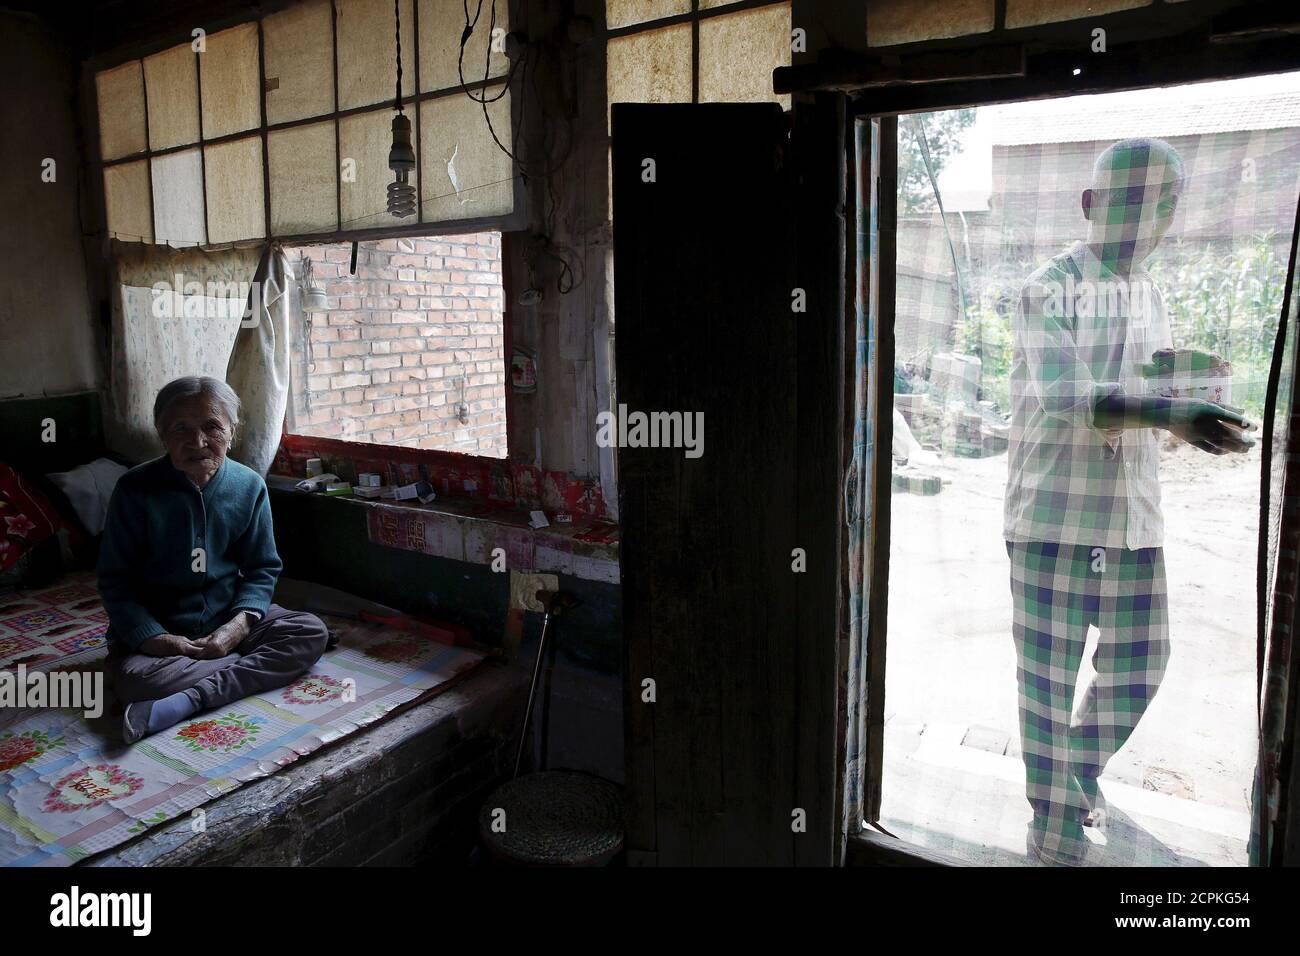 """La antigua """"mujer de la comodidad"""" China Zhang Xiantu descansa sobre una cama tradicional de ladrillo mientras su hijo trae su almuerzo en Xiyan Town, Provincia de Shanxi, China, 18 de julio de 2015. œComfort mujer? Es el eufemismo japonés para las mujeres que fueron forzadas a prostituirse y abusadas sexualmente en burdeles militares japoneses antes y durante la Segunda Guerra Mundial. Zhang es la única """"mujer de consuelo"""" sobreviviente de los 16 demandantes en Shanxi que demandó al gobierno japonés en 1995 por secuestrar a niñas y utilizarlas como """"mujeres de consuelo"""" durante la Segunda Guerra Mundial. Según información de la Comisión de Investigación de China Foto de stock"""